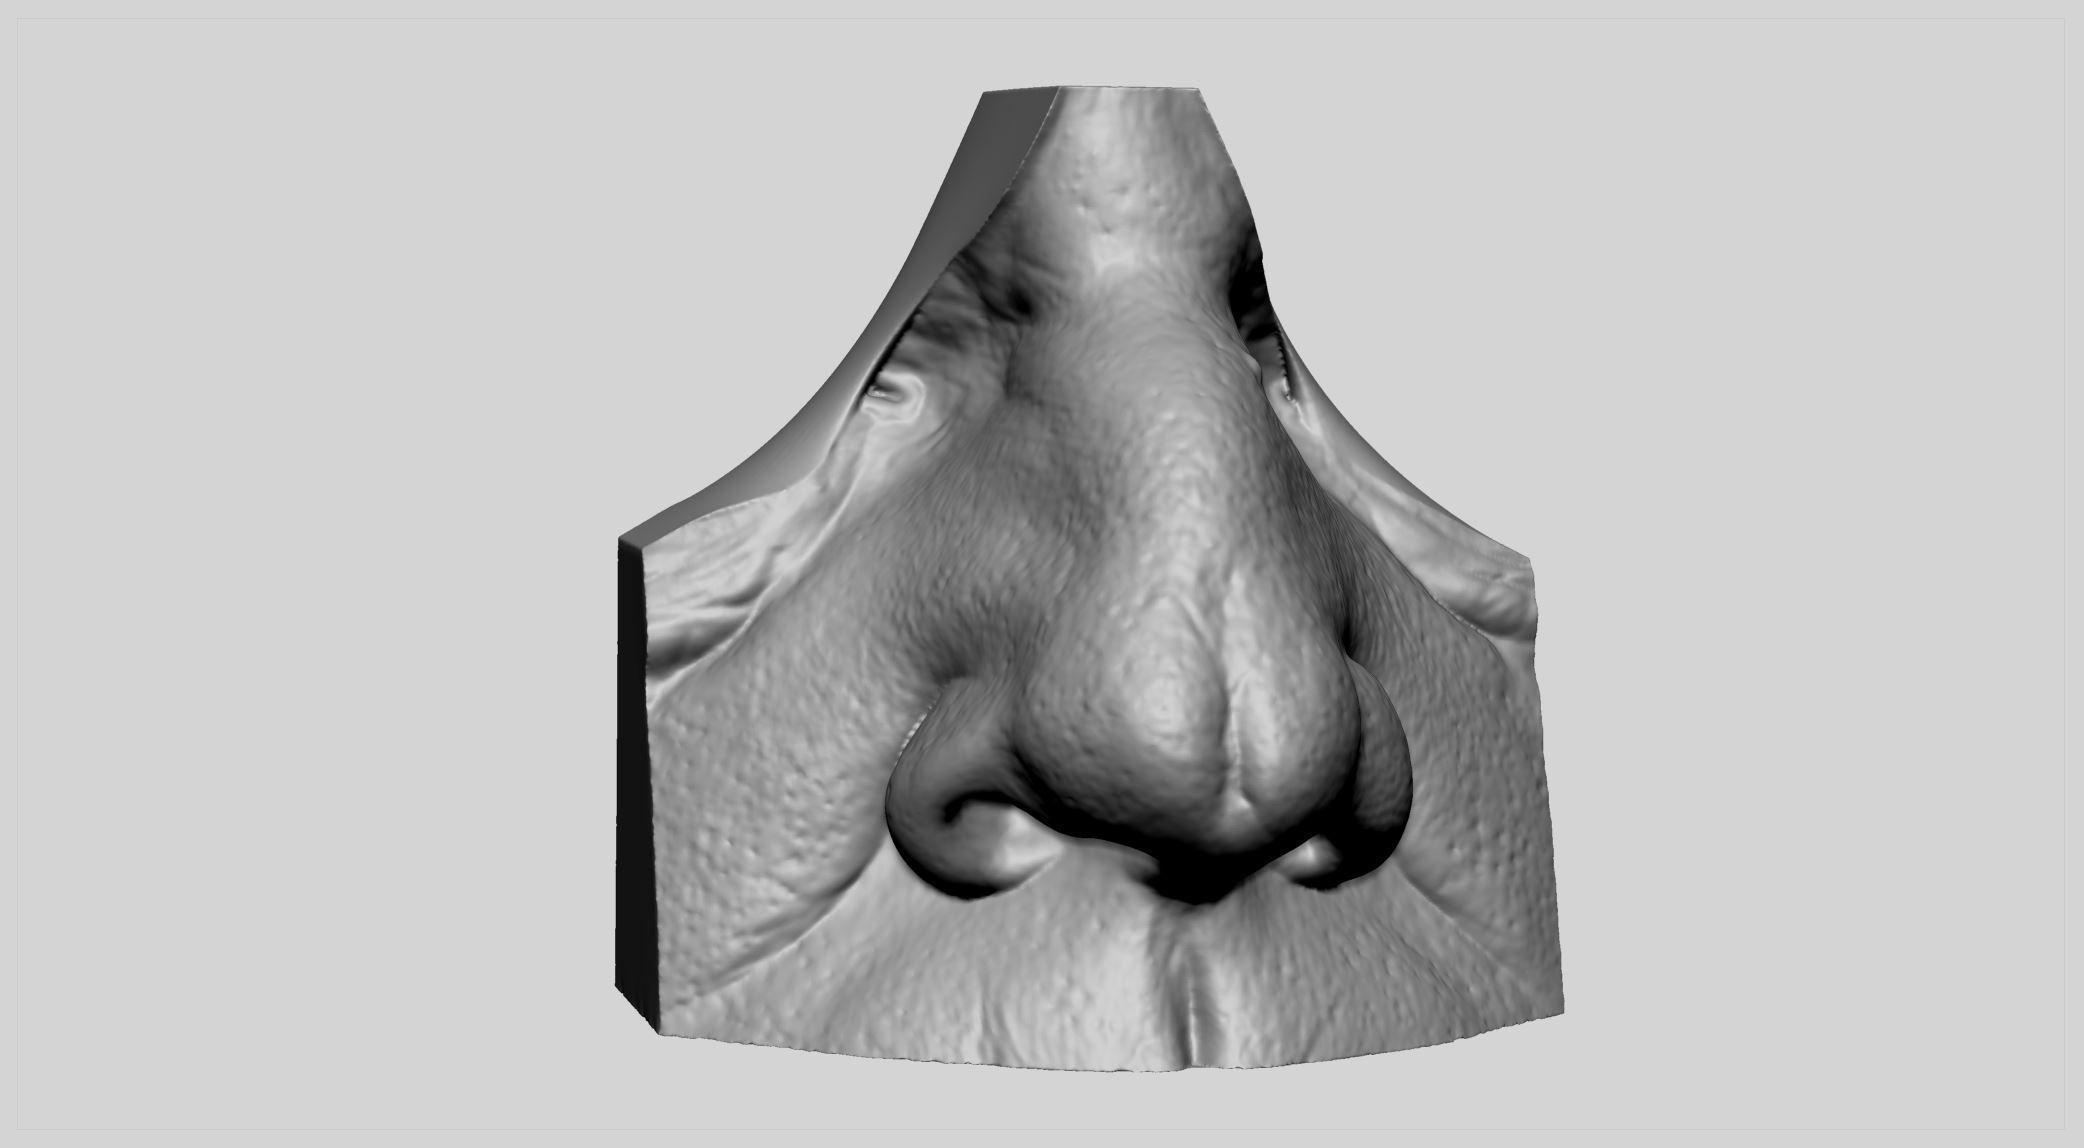 Male Nose